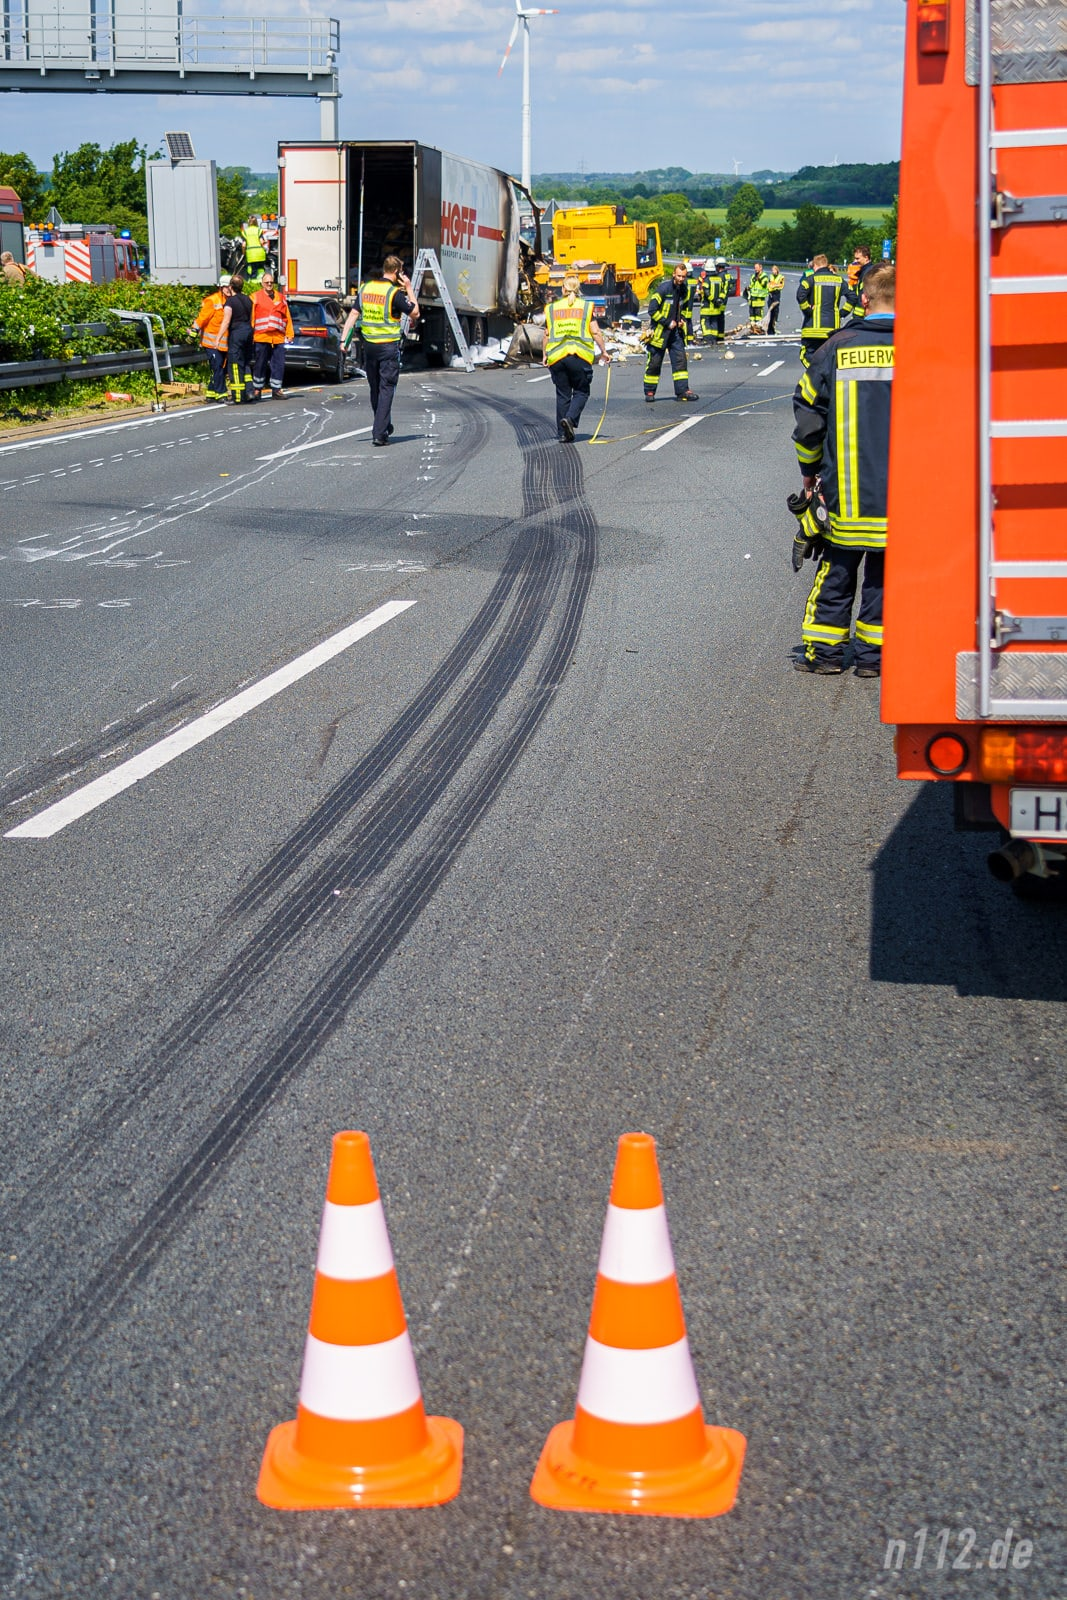 Deutlich ist der Reifenabrieb des vermutlich geplatzten Reifens zu sehen (Foto: n112.de/Stefan Hillen)